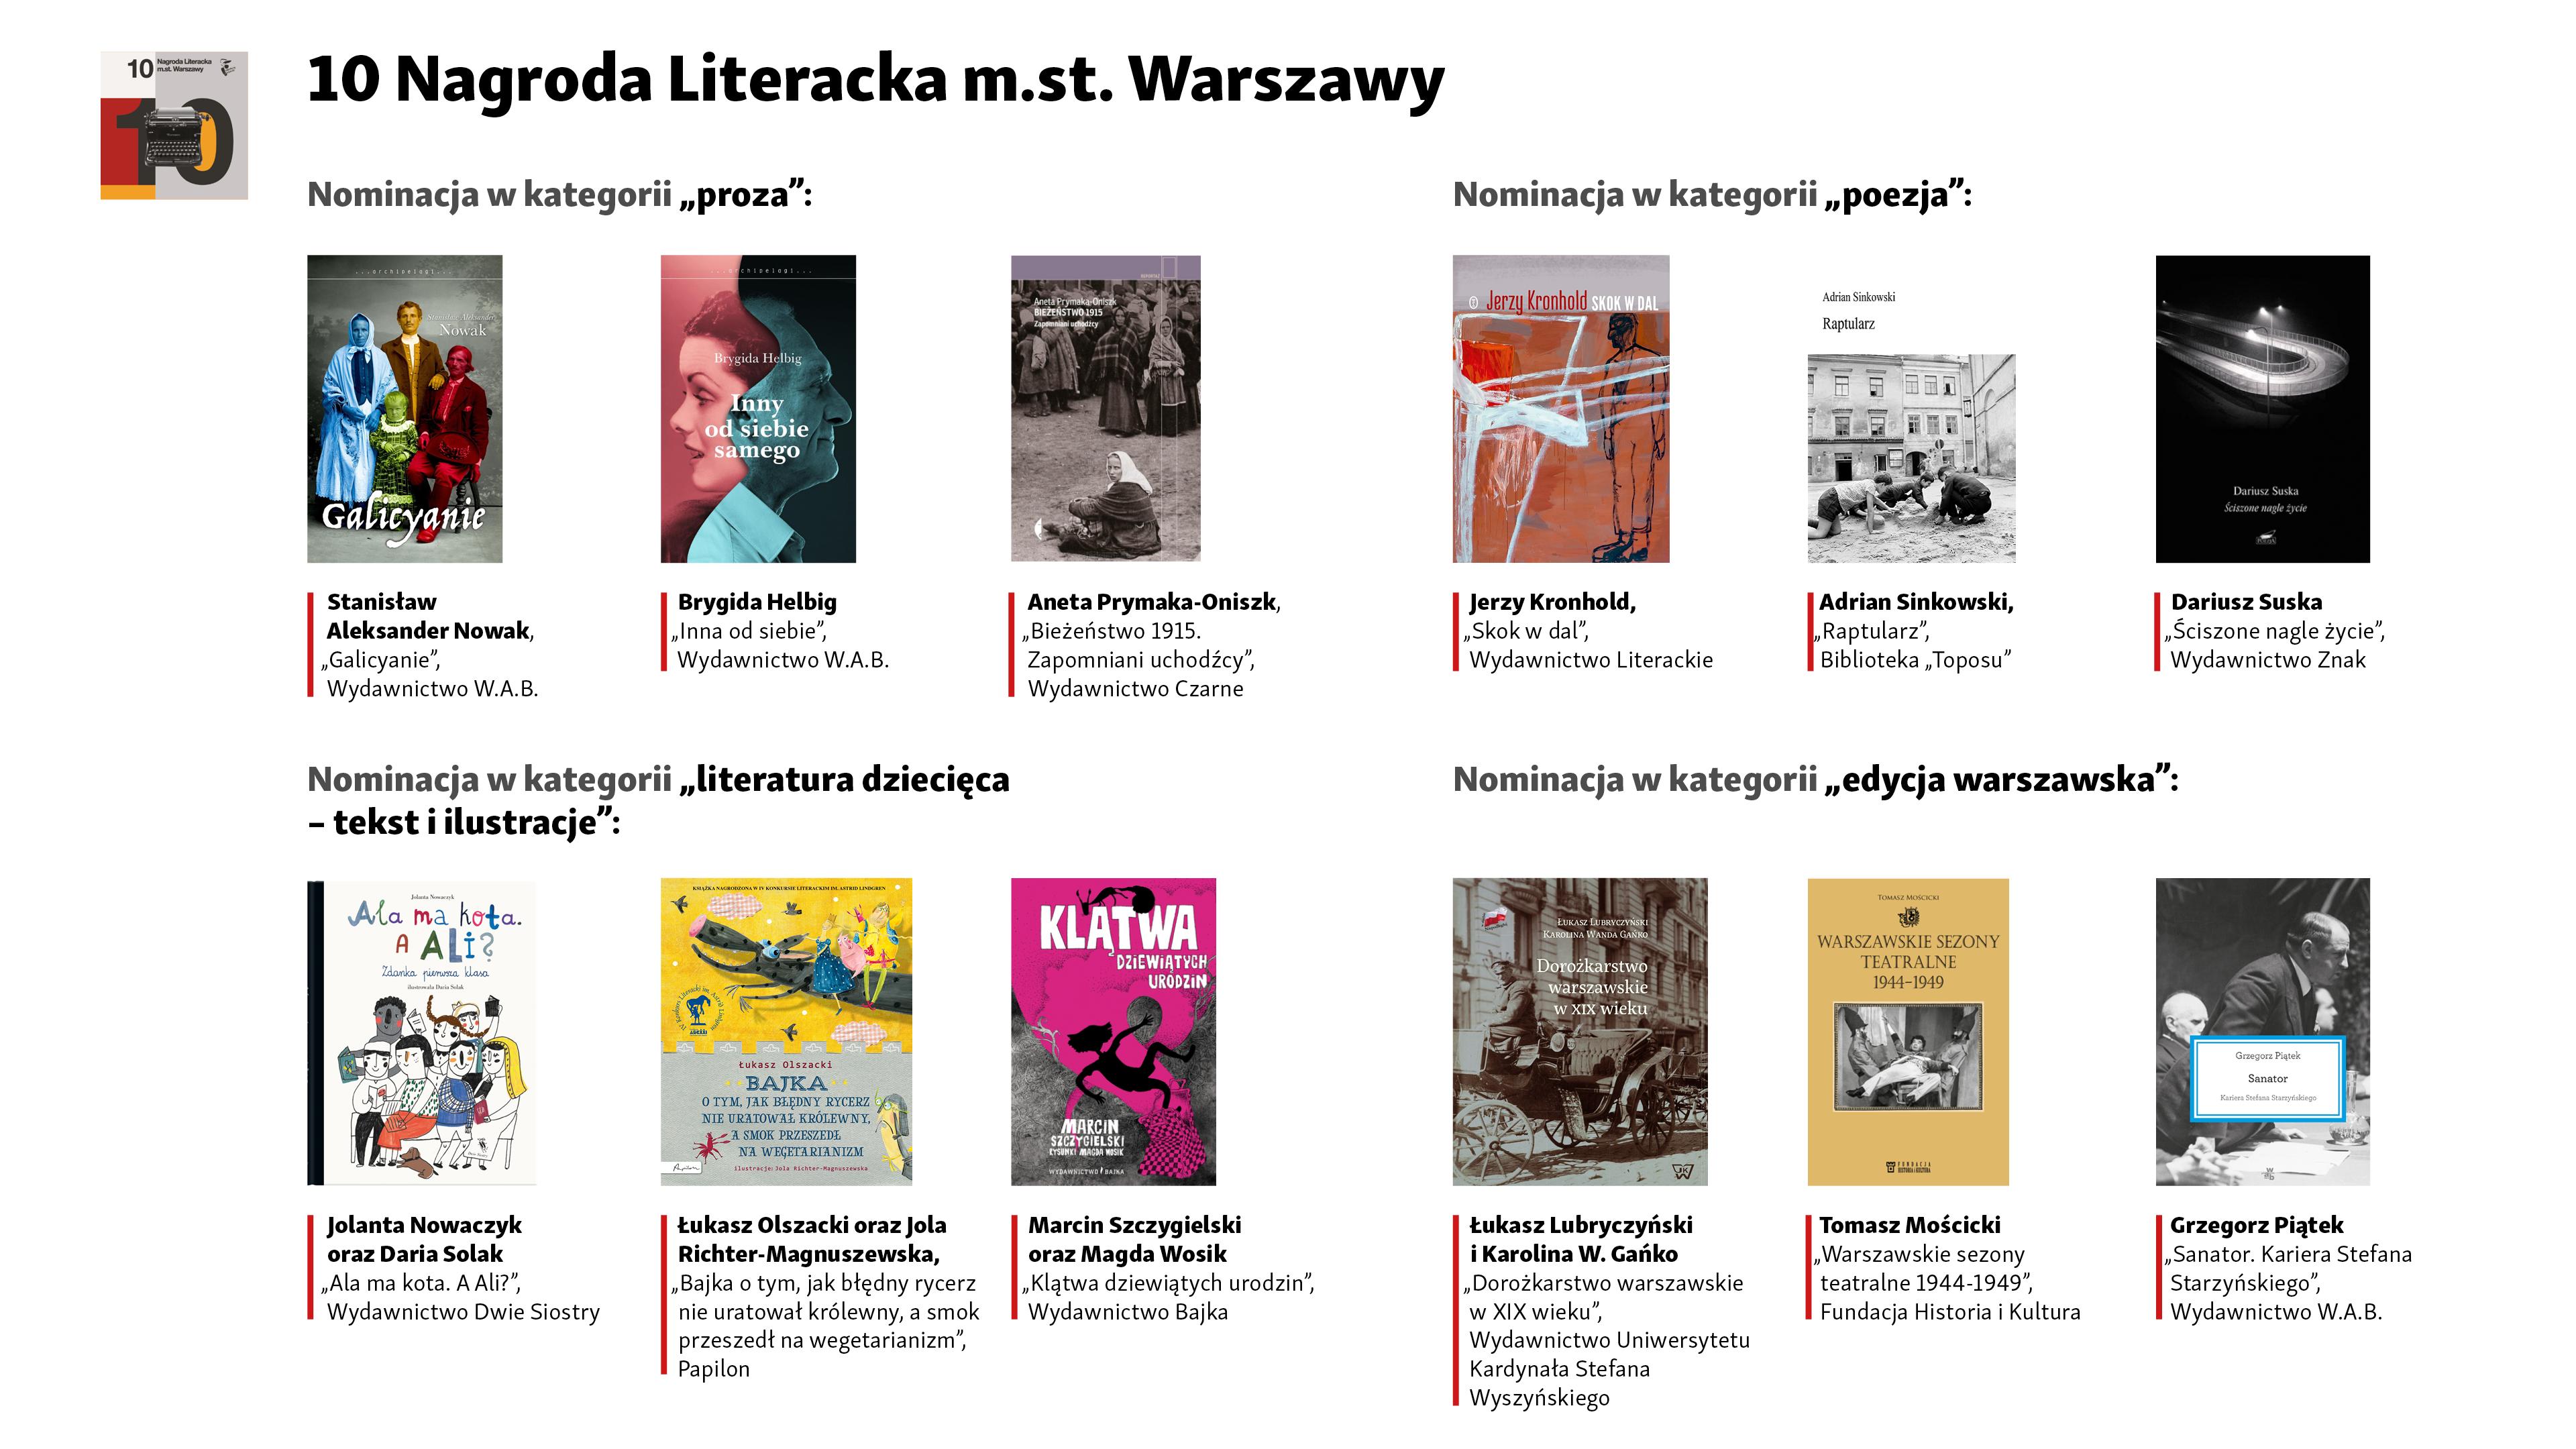 10. Nagroda Literacka m.st. Warszawy